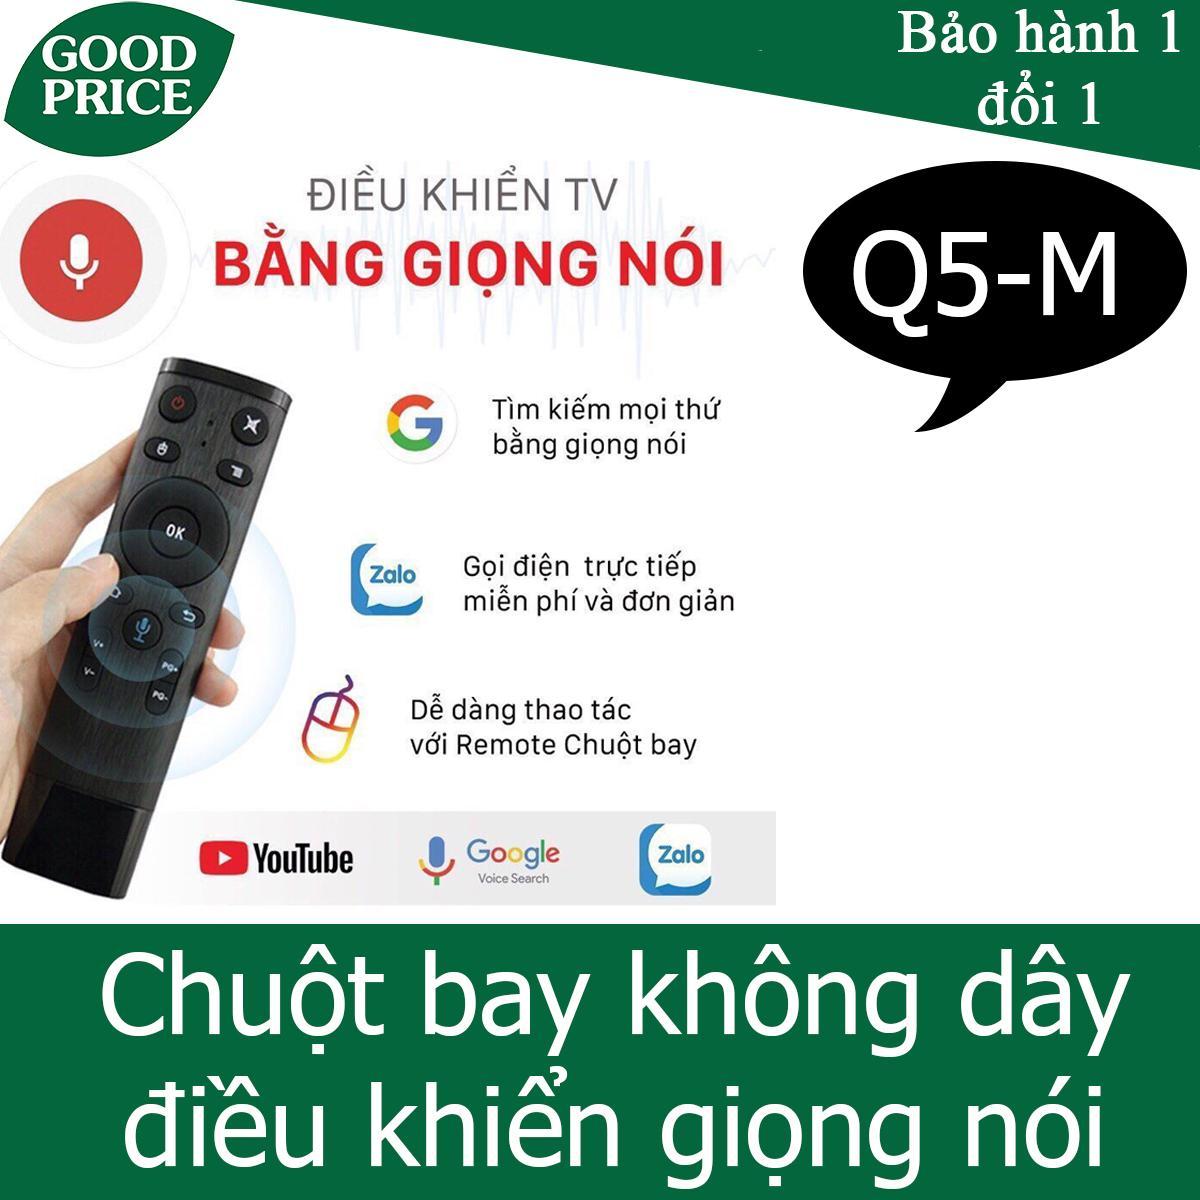 Chuột bay điều khiển giọng nói Q5-M - dùng cho android box, tivi thông minh android